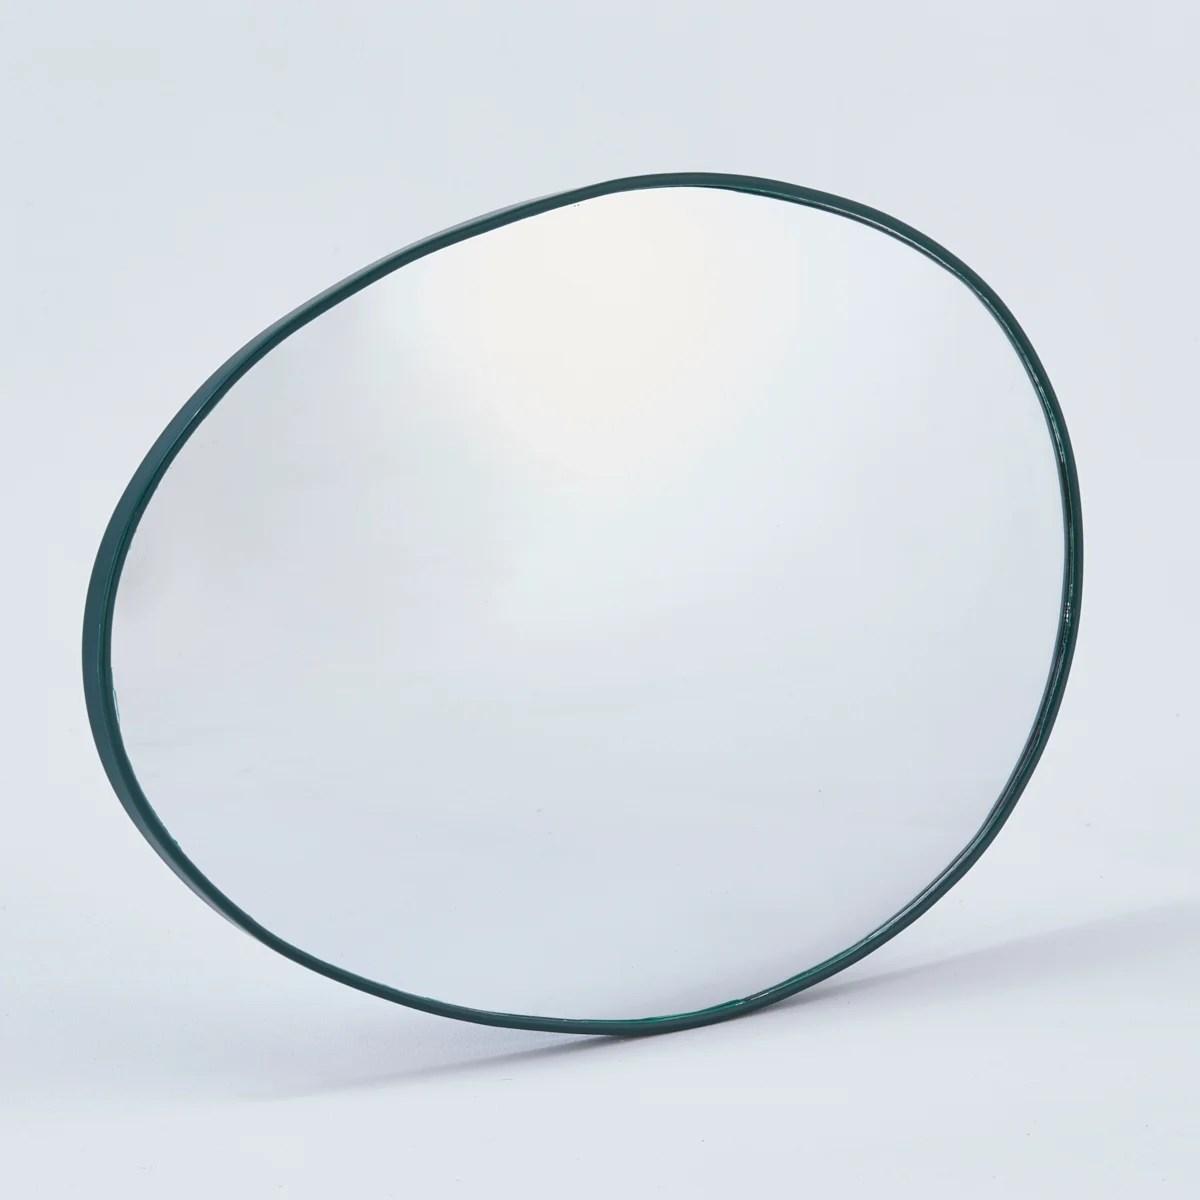 Miroir De Sortie Convexe Interieur Exterieur Diam 34 X 56 Cm Mottez Leroy Merlin